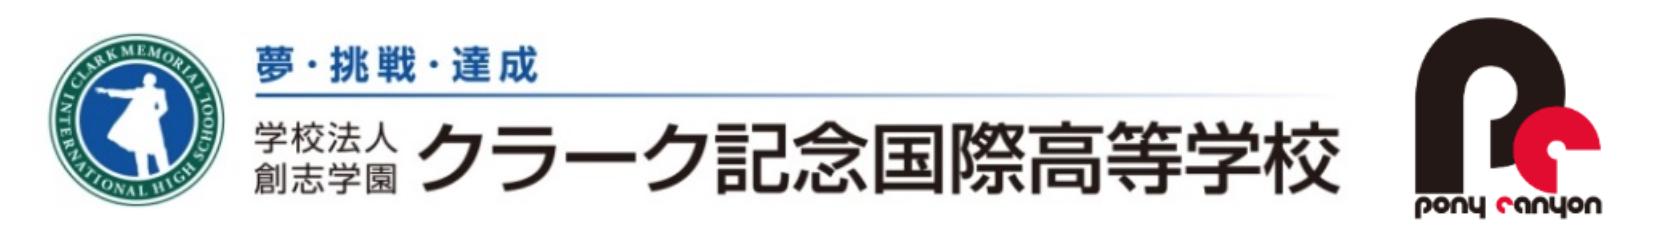 クラーク記念国際高等学校・株式会社ポニーキャニオン、教育分野における連携